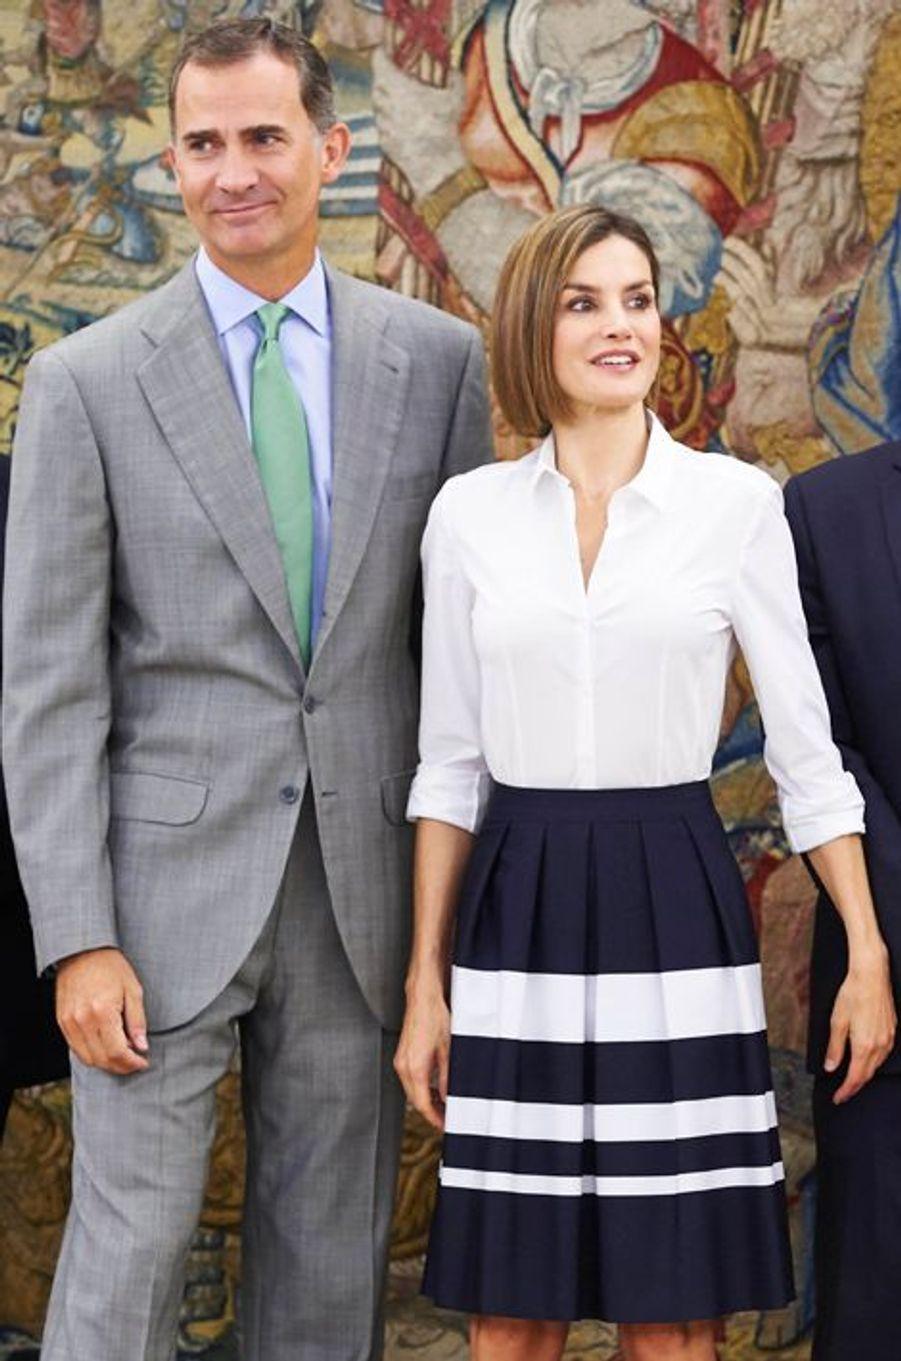 Surprise! Pour sa rentrée après sa pause estivale, la reine Letizia est apparue ce mercredi 2 septembre au palais de la Zarzuela à Madrid aux côtés de son époux Felipe, tel qu'on ne l'avait jamais vu depuis qu'il a coiffé la couronne d'Espagne. Rasé et rajeuni par la même occasion.Chaque dimanche, le Royal Blog de Paris Match vous propose de voir ou revoir les plus belles photographies de la semaine royale.